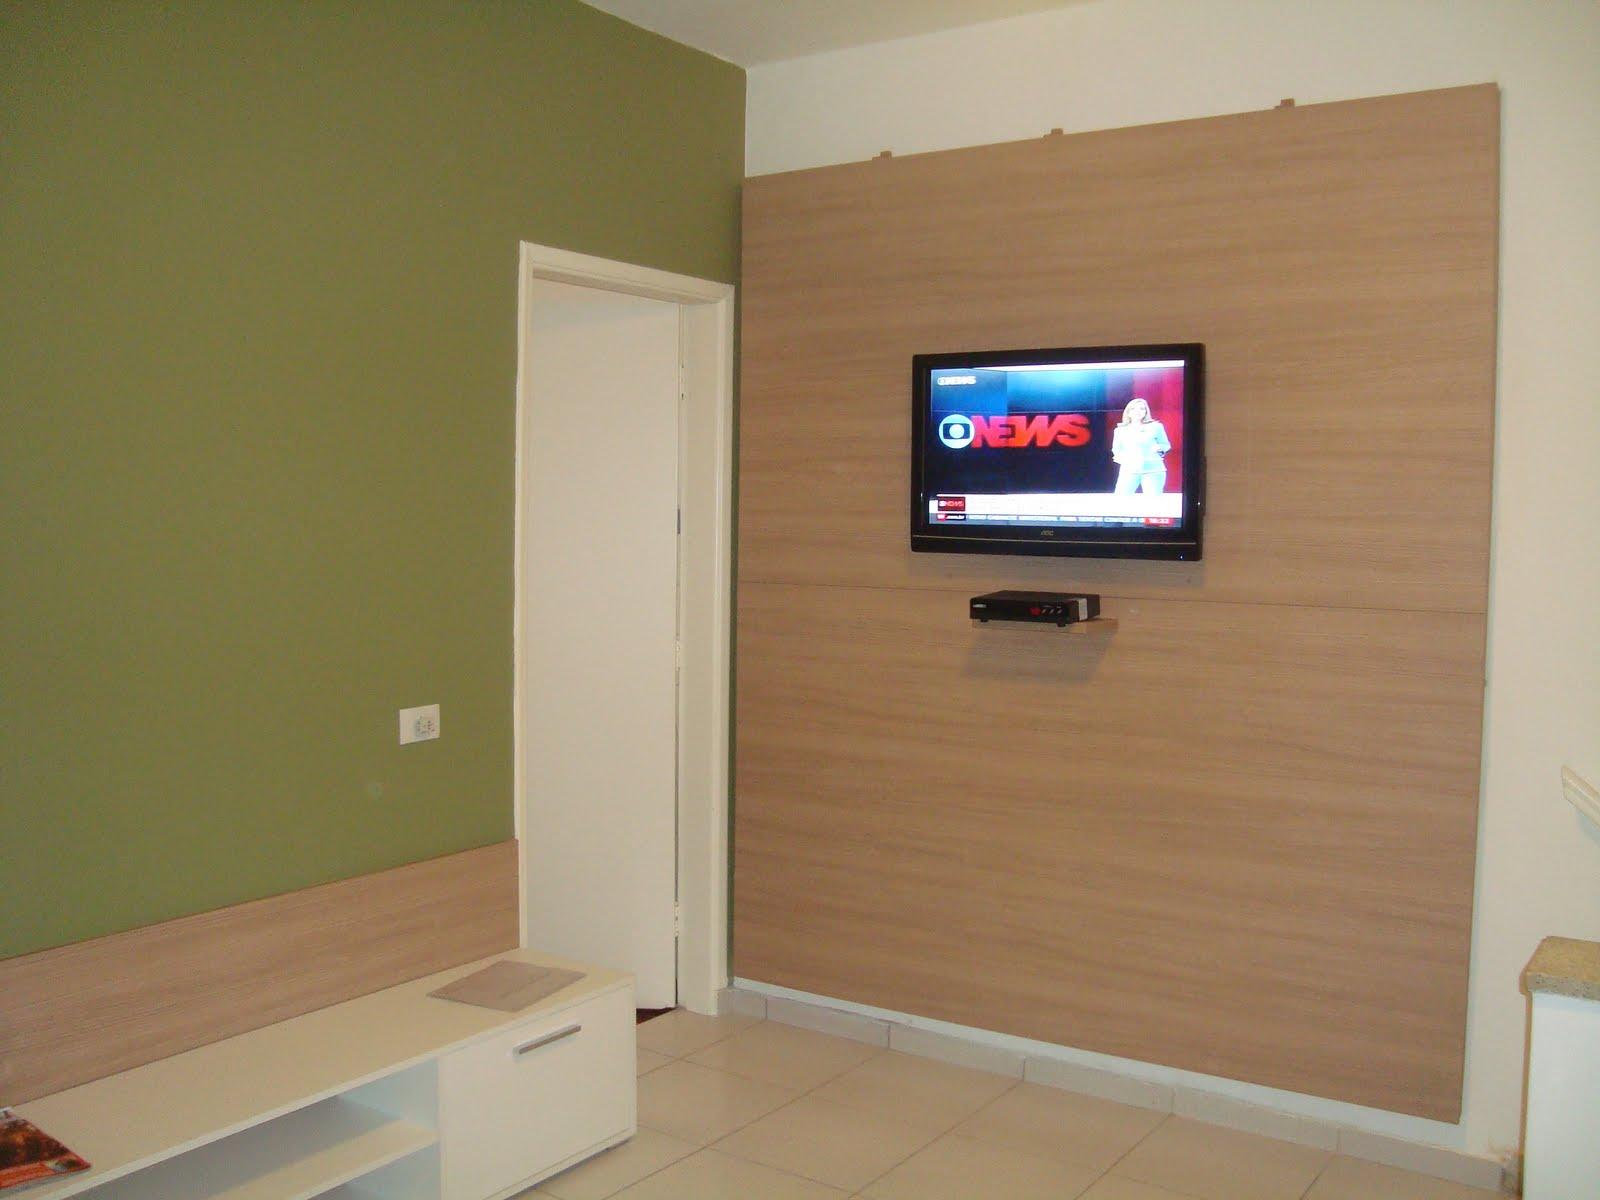 Carolina Lira Design de Interiores: Fevereiro 2011 #1A6CB1 1600 1200